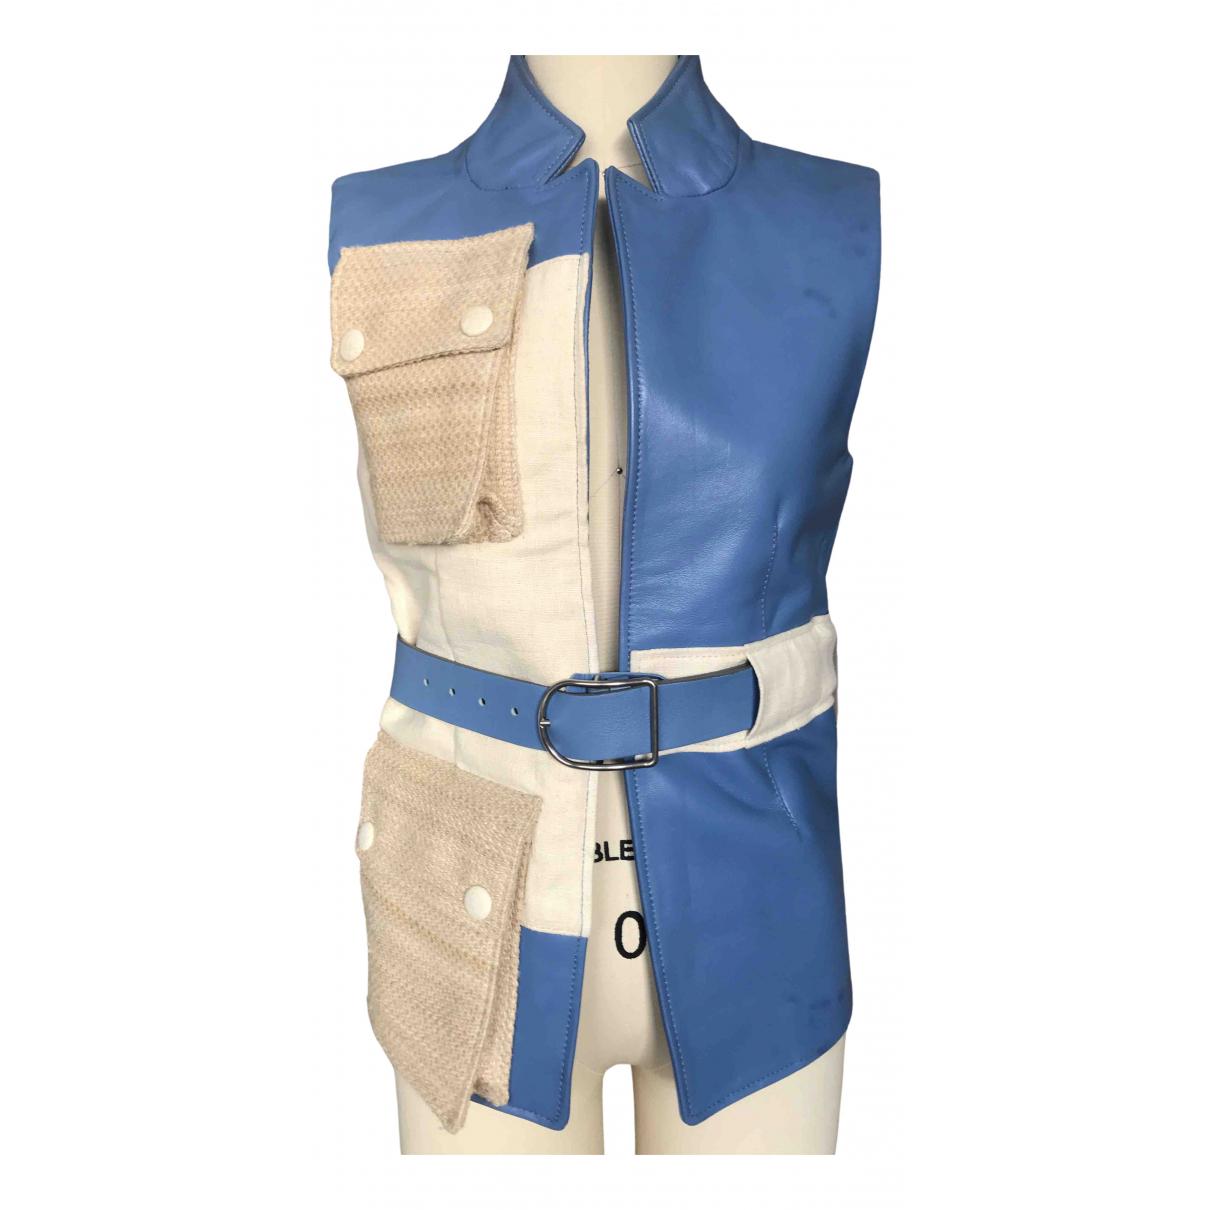 Acne Studios - Veste   pour femme en cuir - bleu